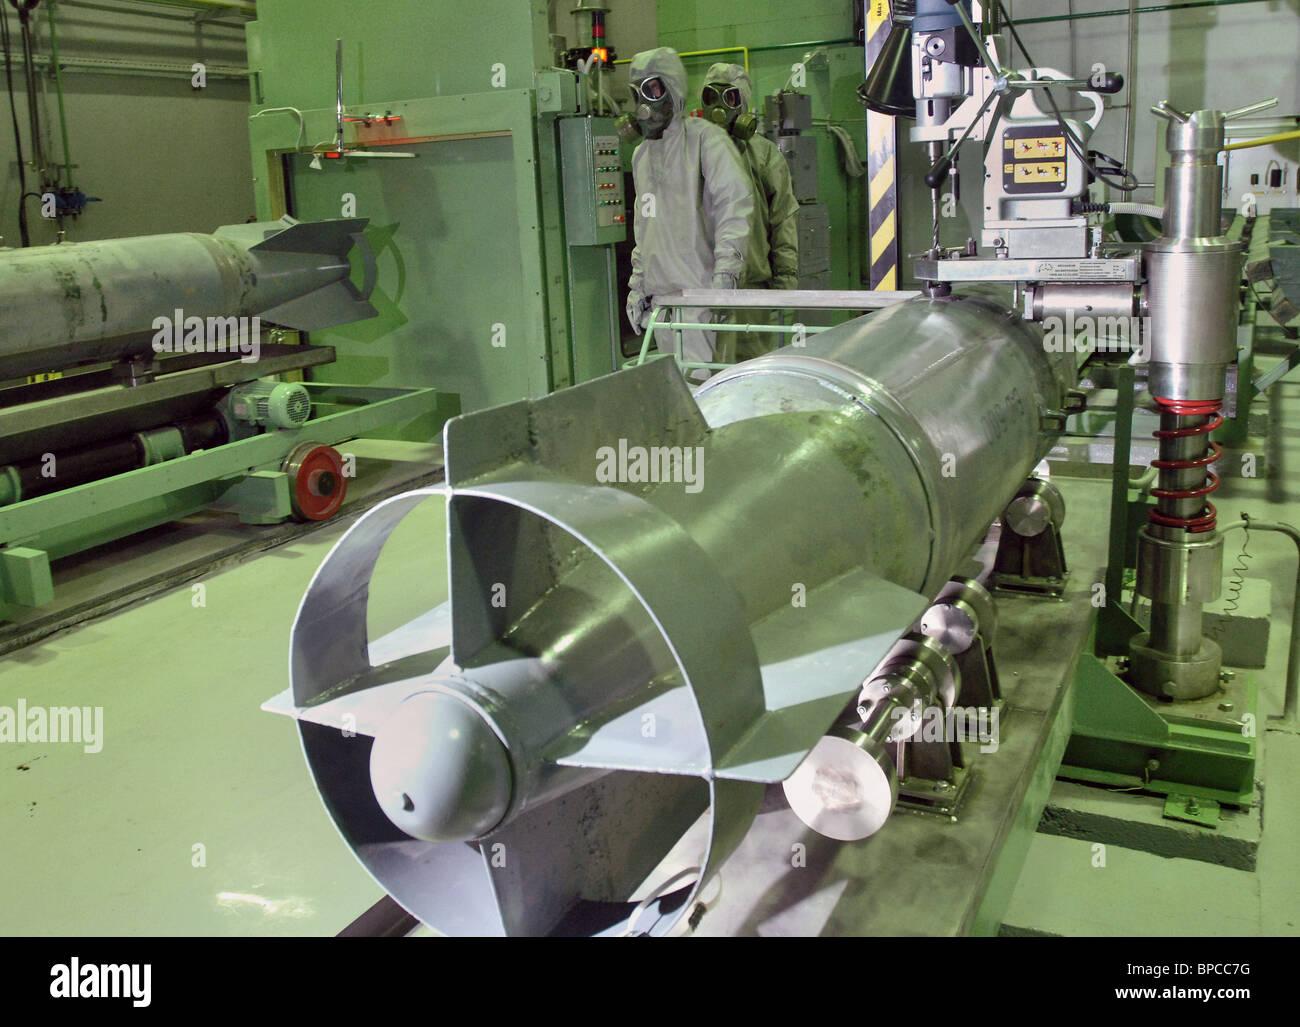 Ersten Bauabschnitt abgeschlossen auf chemische Waffen Vernichtungsanlage in Kirow Stockbild